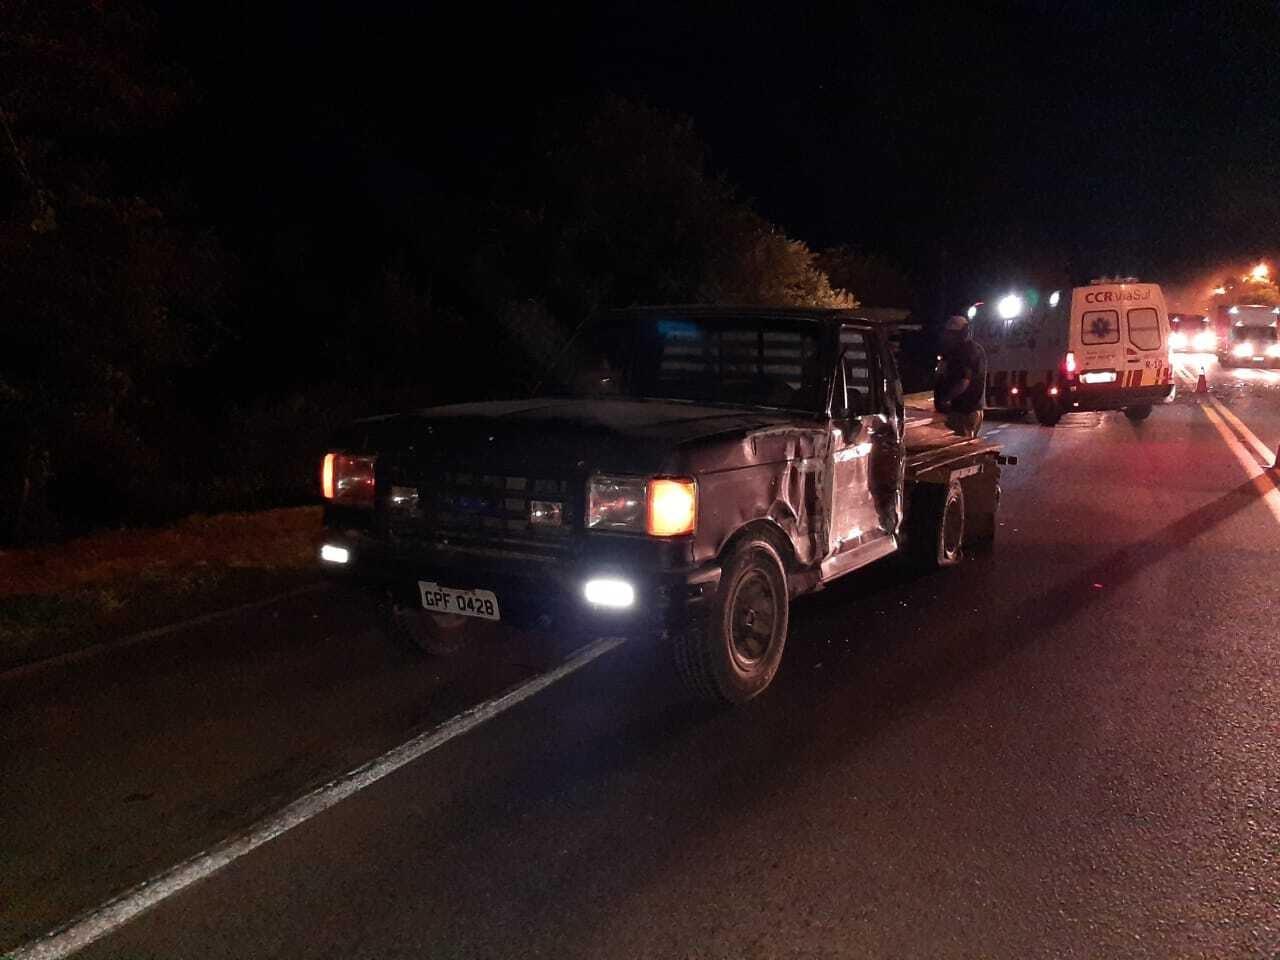 Acidente de trânsito na BR-386 em Soledade tem envolvimento de 5 veículos